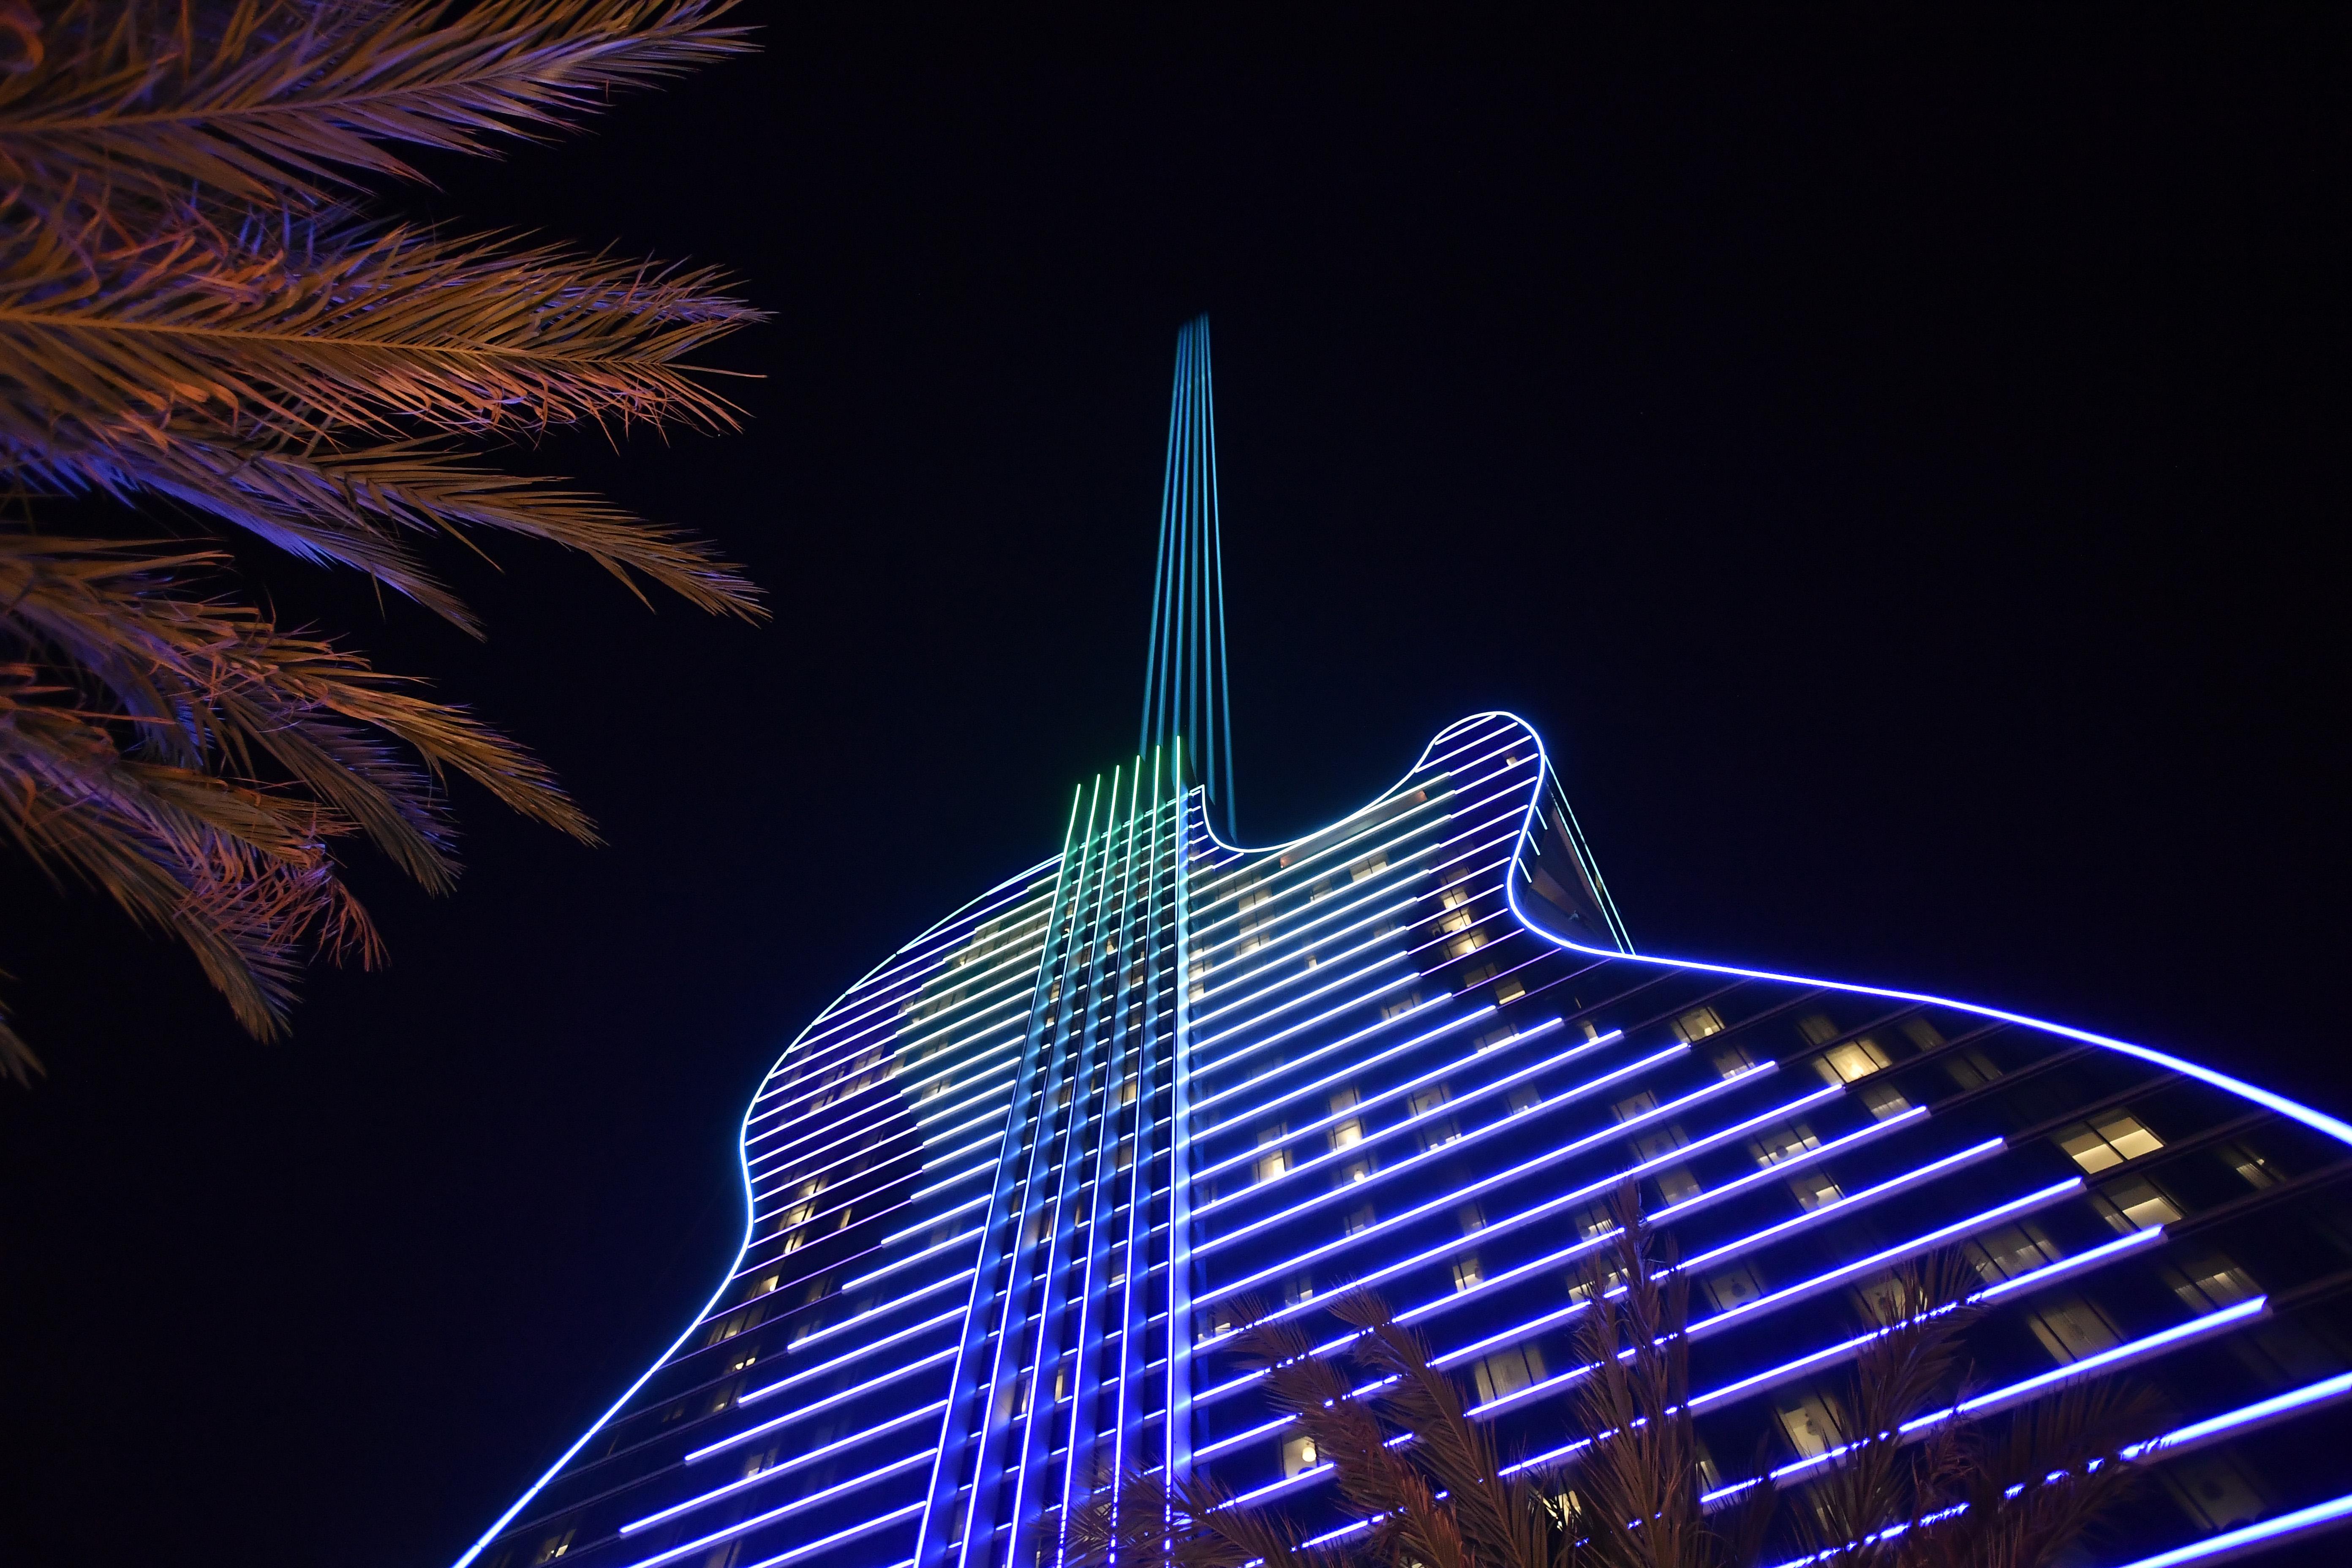 New casinos opening in florida vilamoura casino website